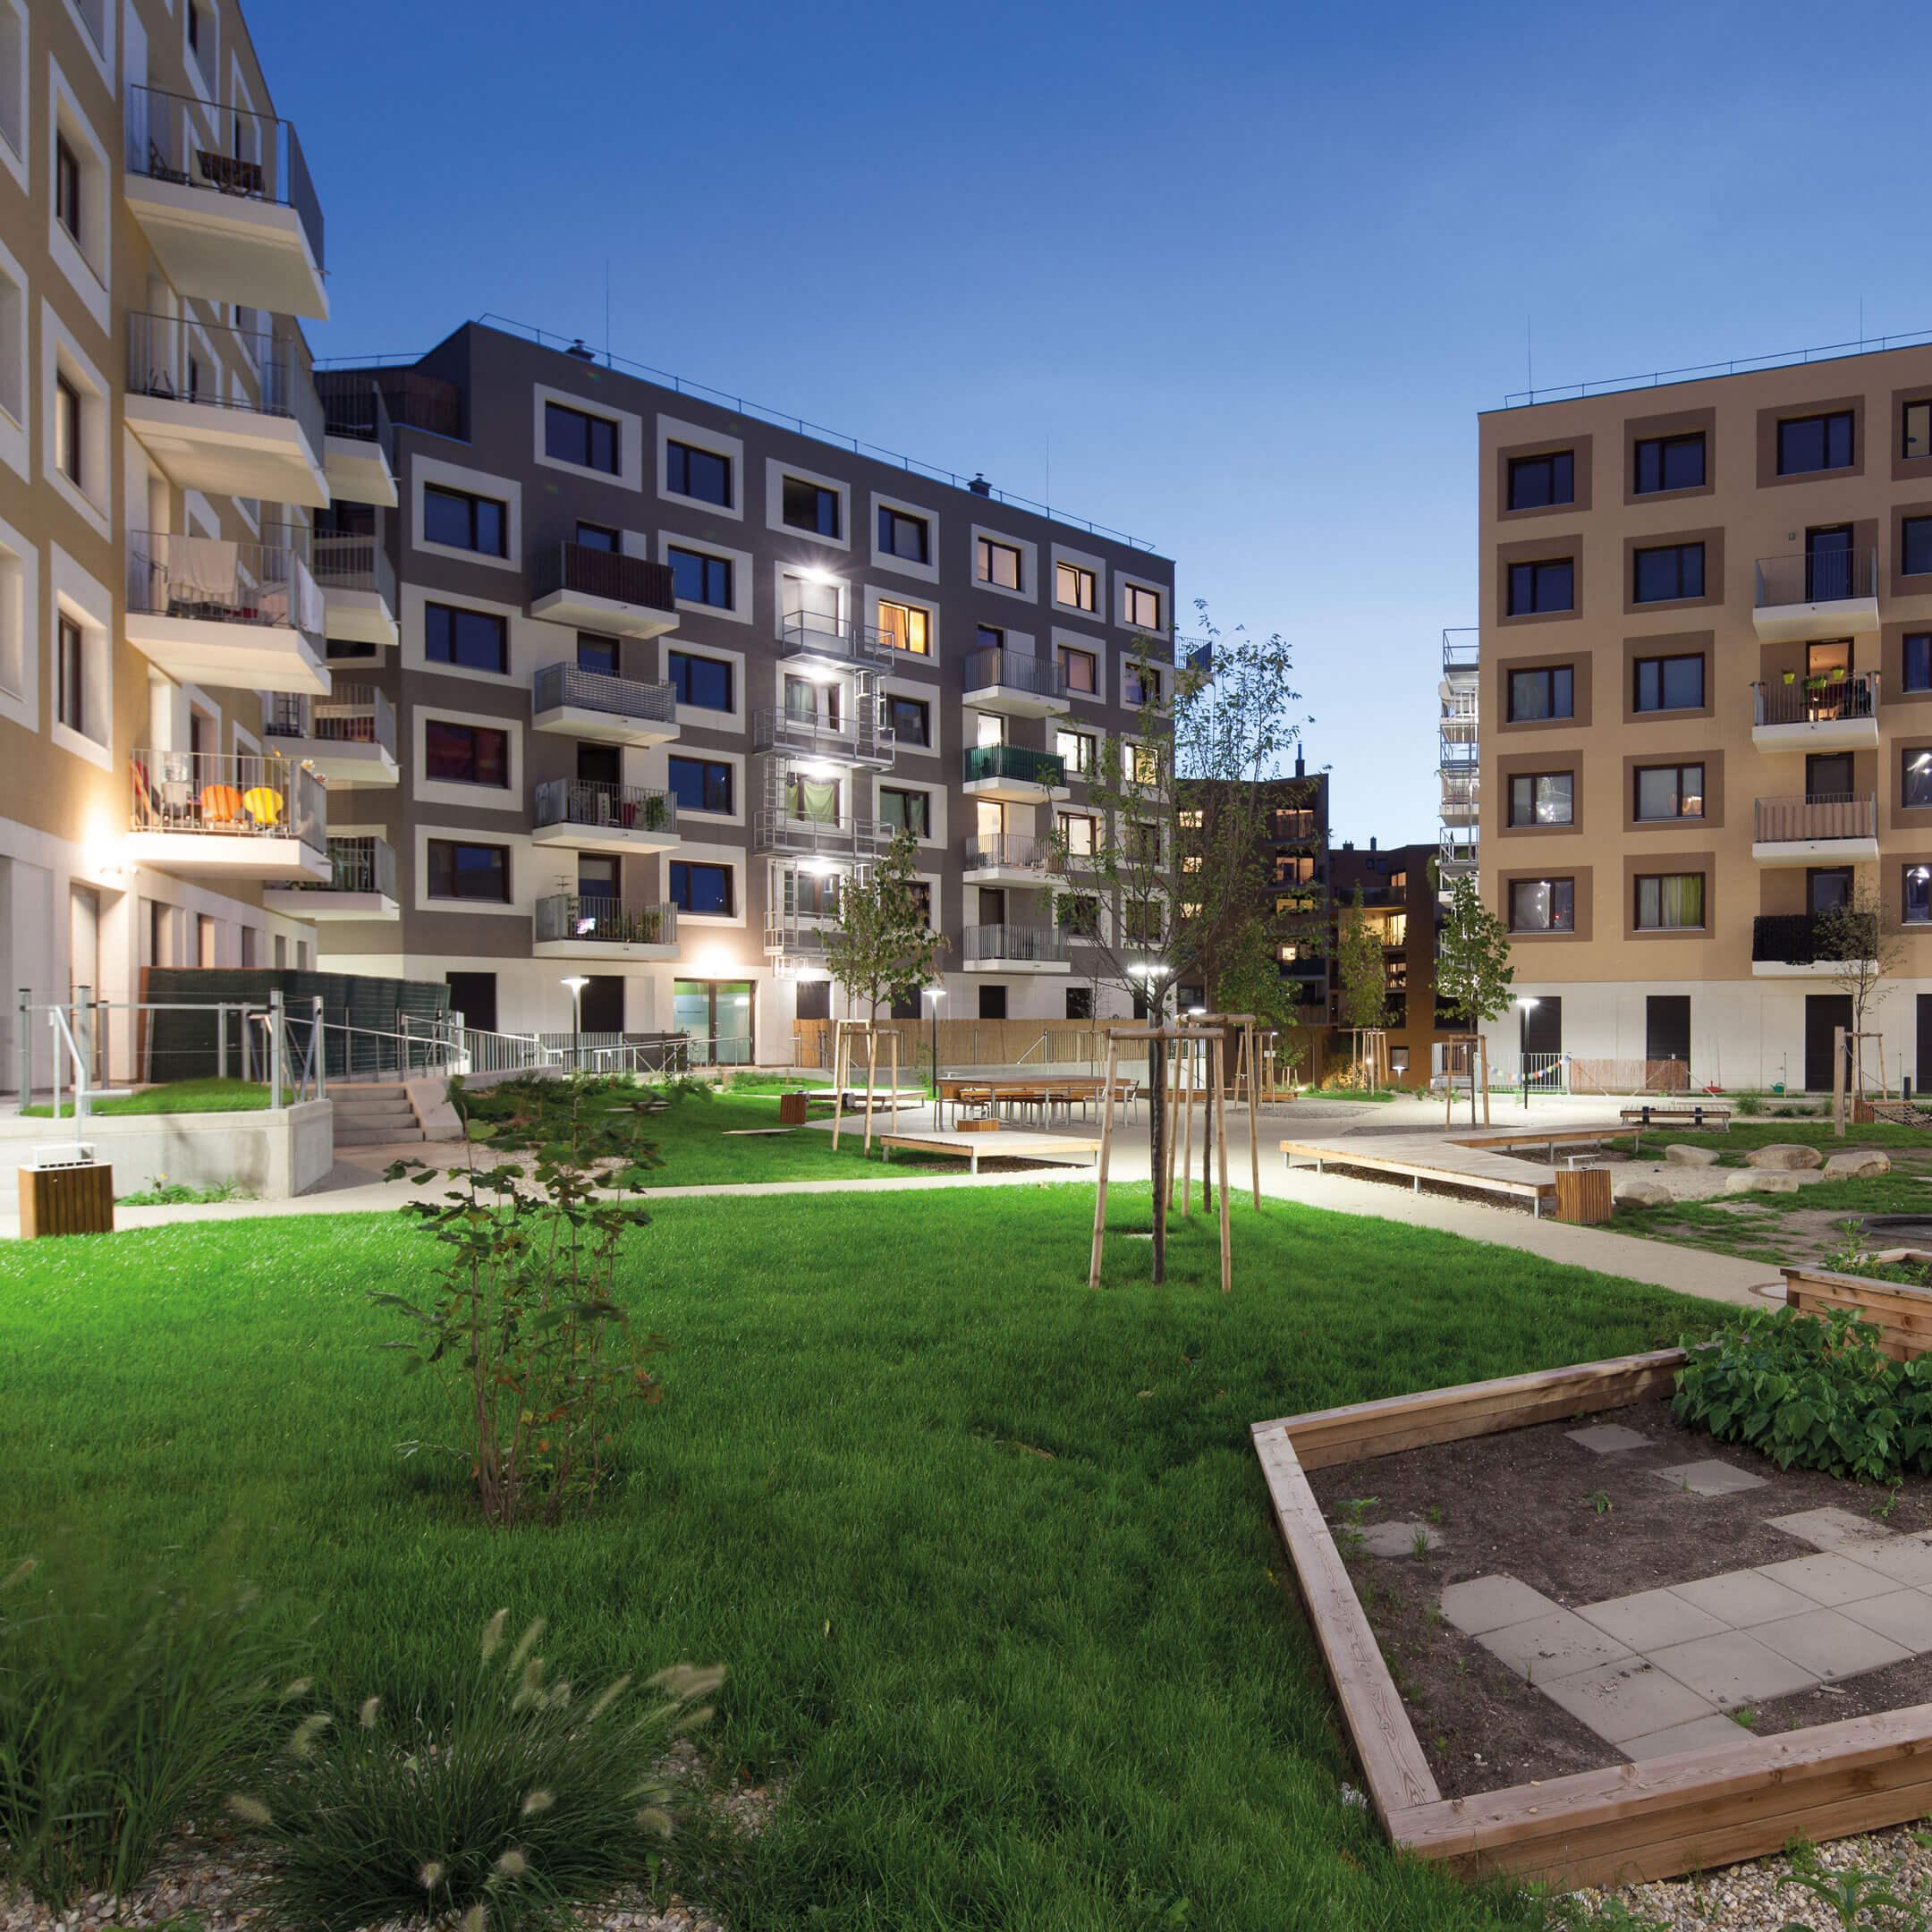 Seestadt Wien Aspern_DELTA_Architektur